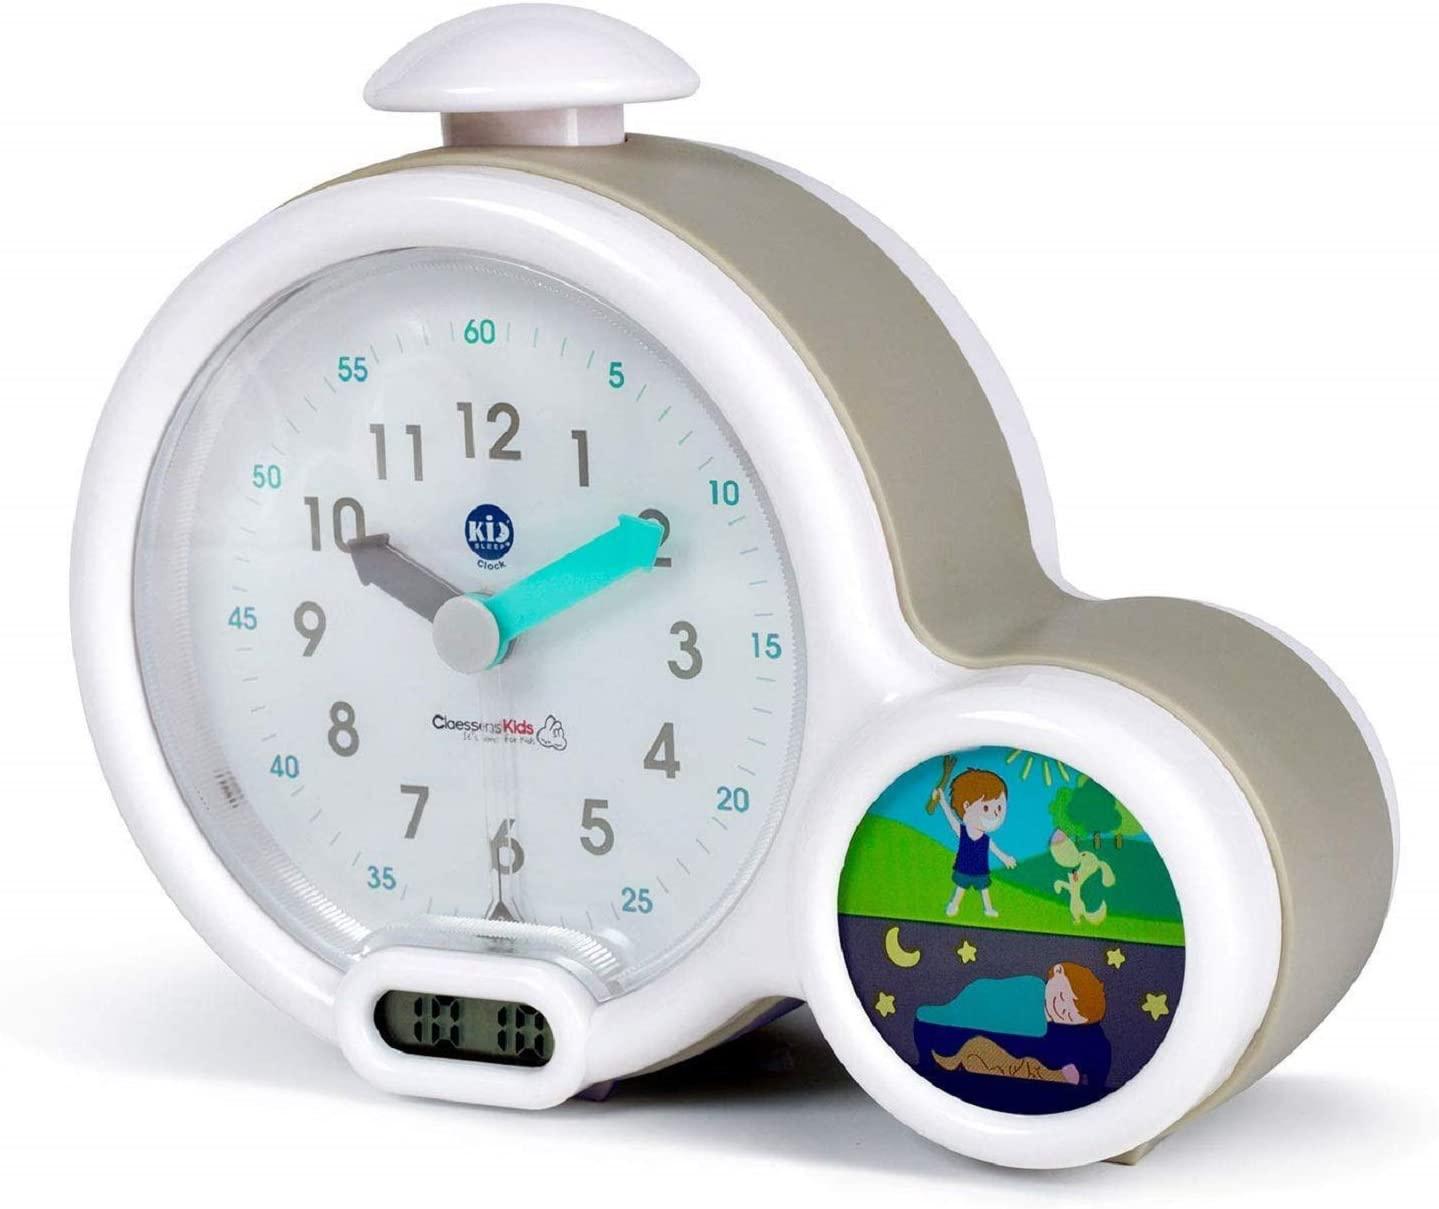 Le radio réveil enfant : Pabobo claessens kid clock